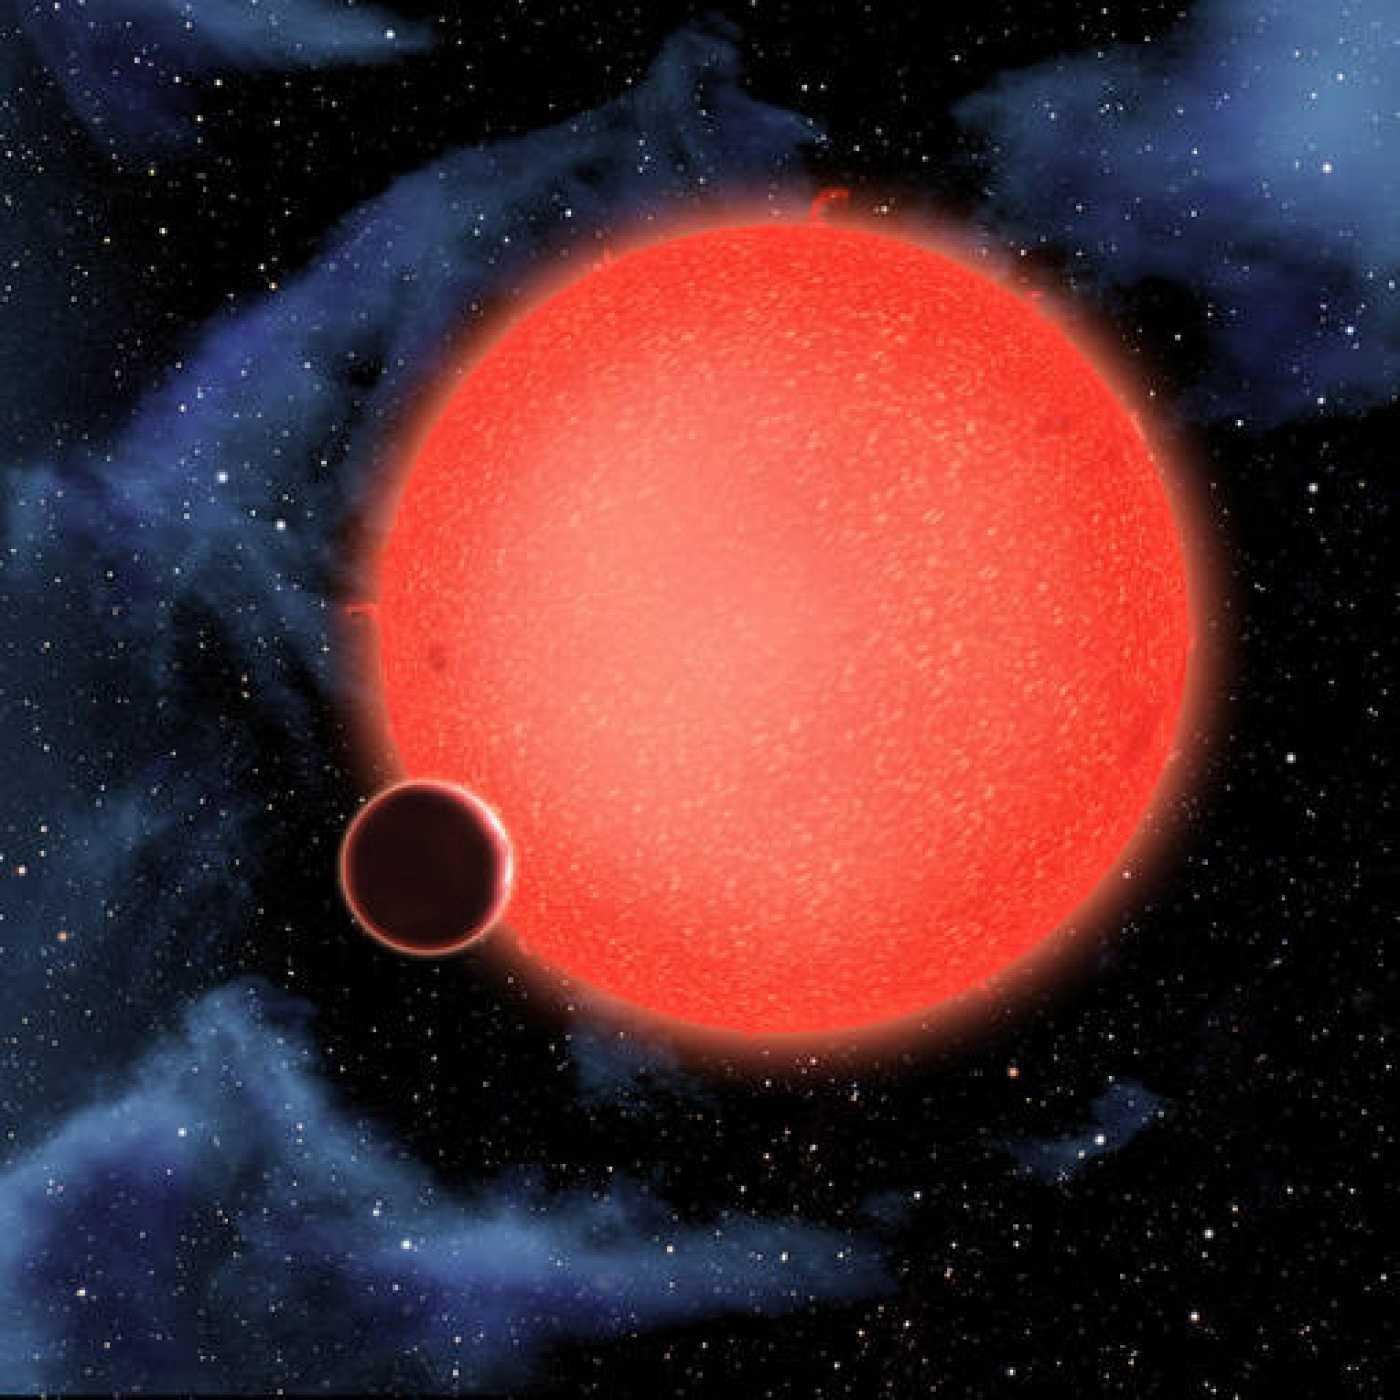 GJ1214b tiene alrededor de 2,7 veces el diámetro terrestre y pesa unas siete veces más. Orbita a una enana roja cada 38 horas a una distancia de más de 2 millones de kilómetros.